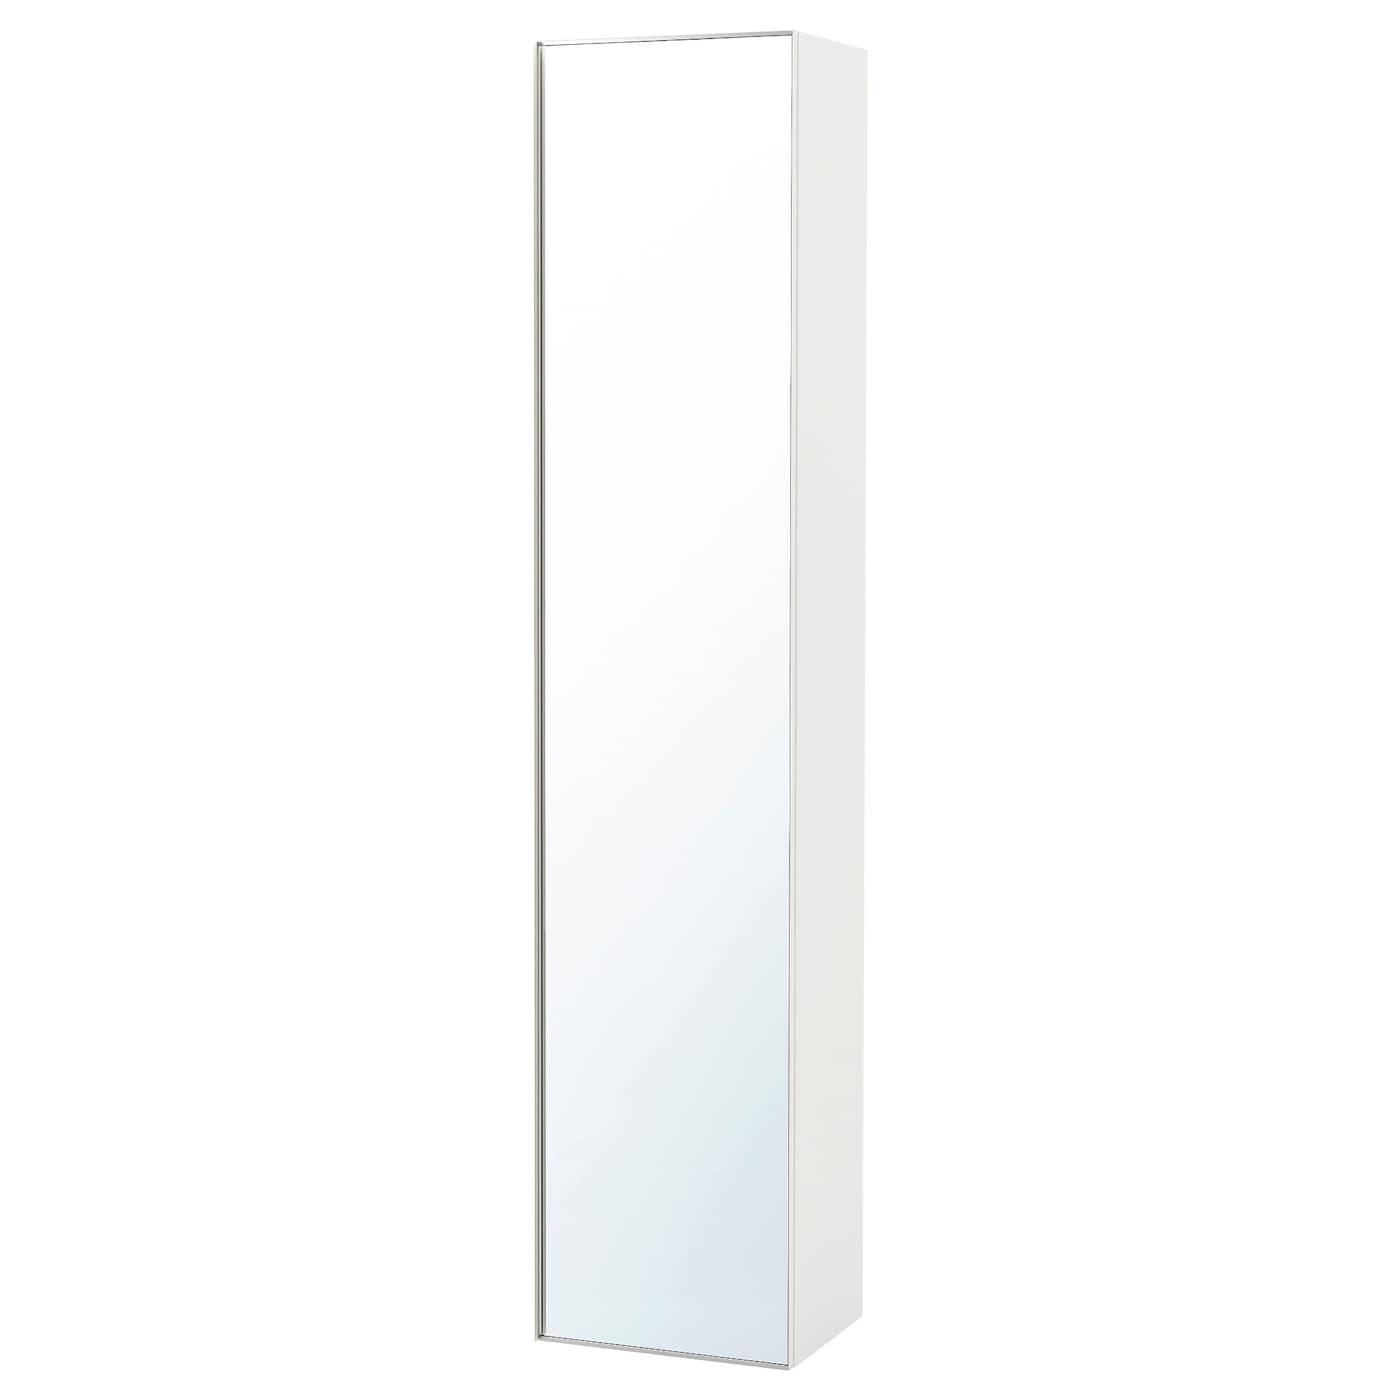 Spiegel op wielen trogen lichtgrijs with spiegel op for Ladenblok wit wielen